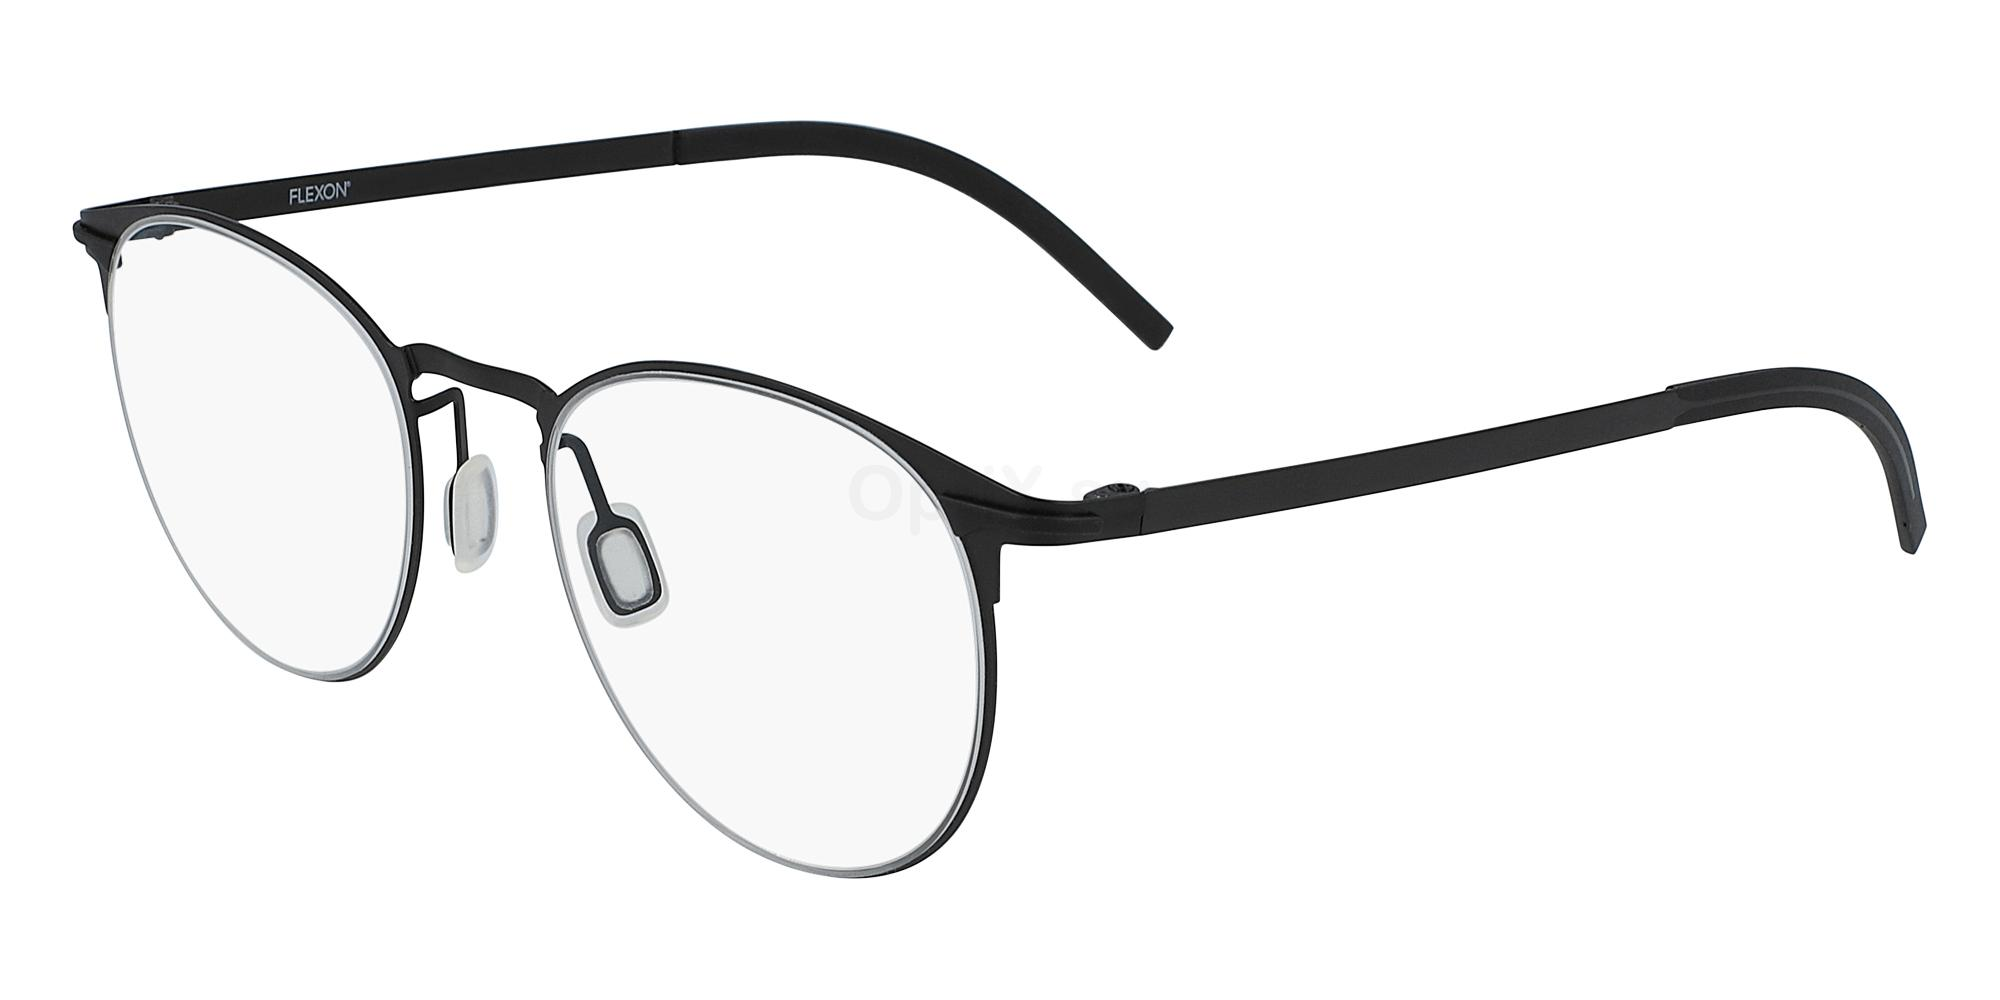 001 FLEXON B2000 Glasses, Flexon